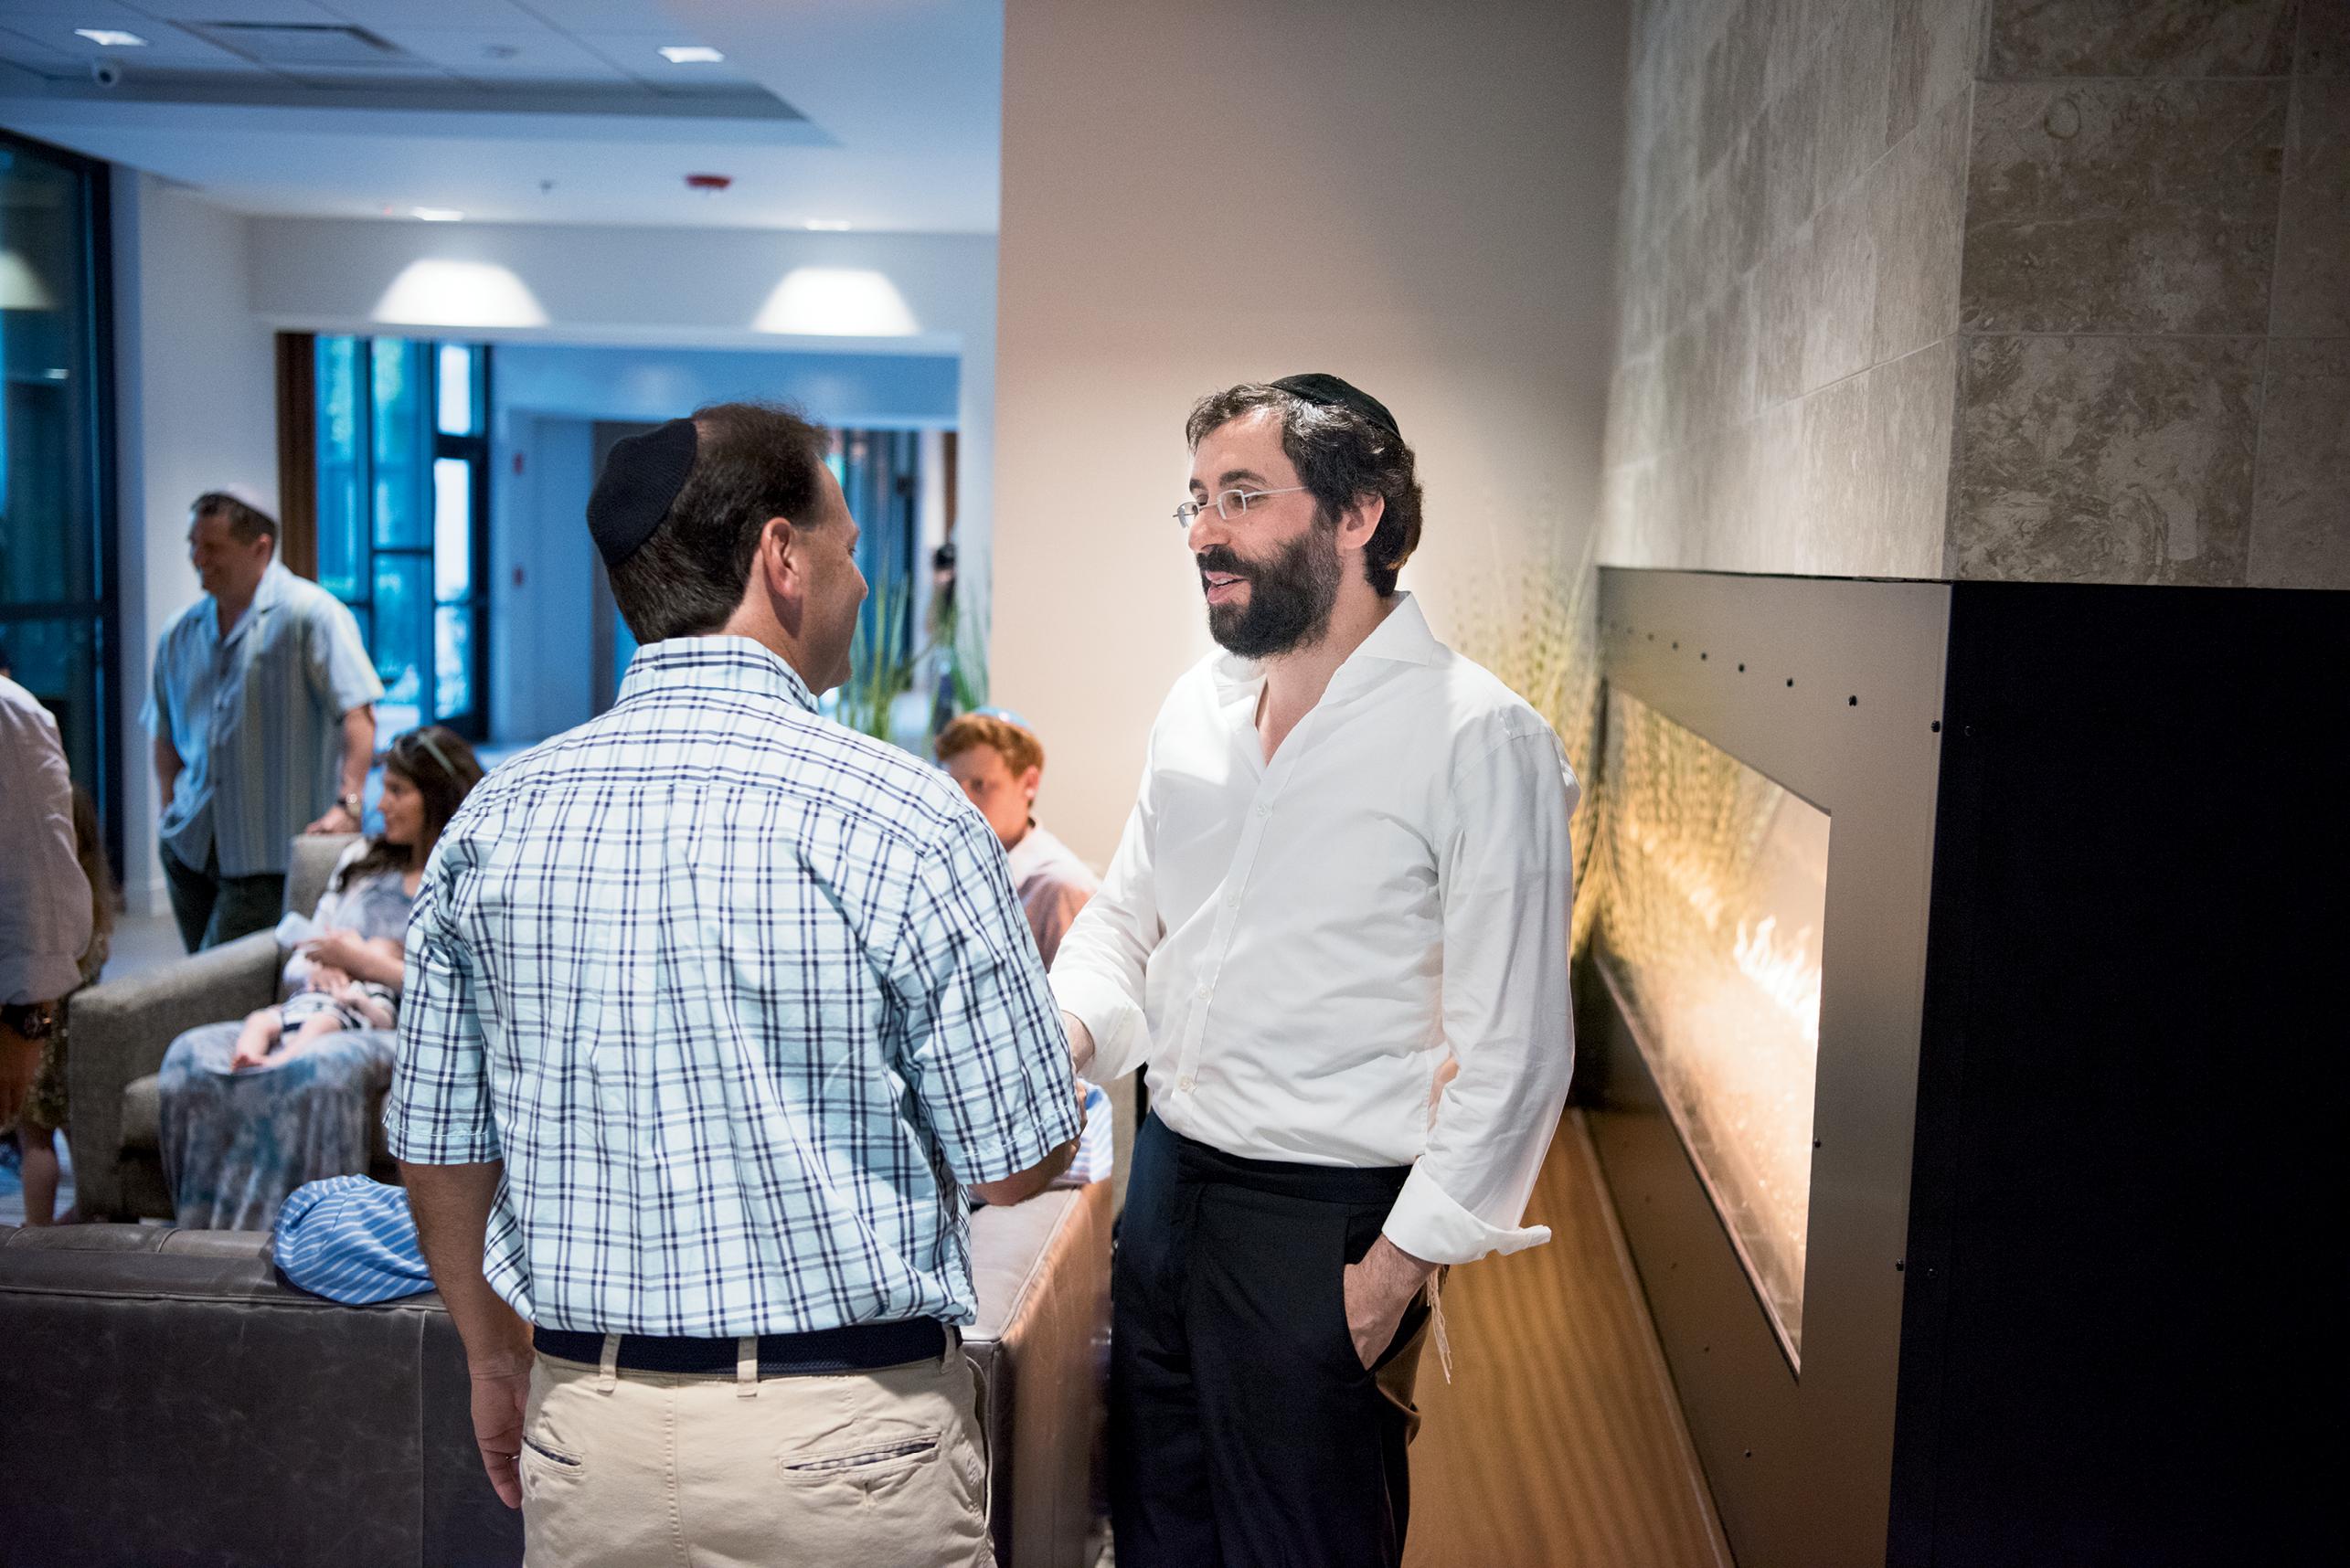 Rabbi Yossi Refson (right) in The Center for Jewish Life's comfy common area